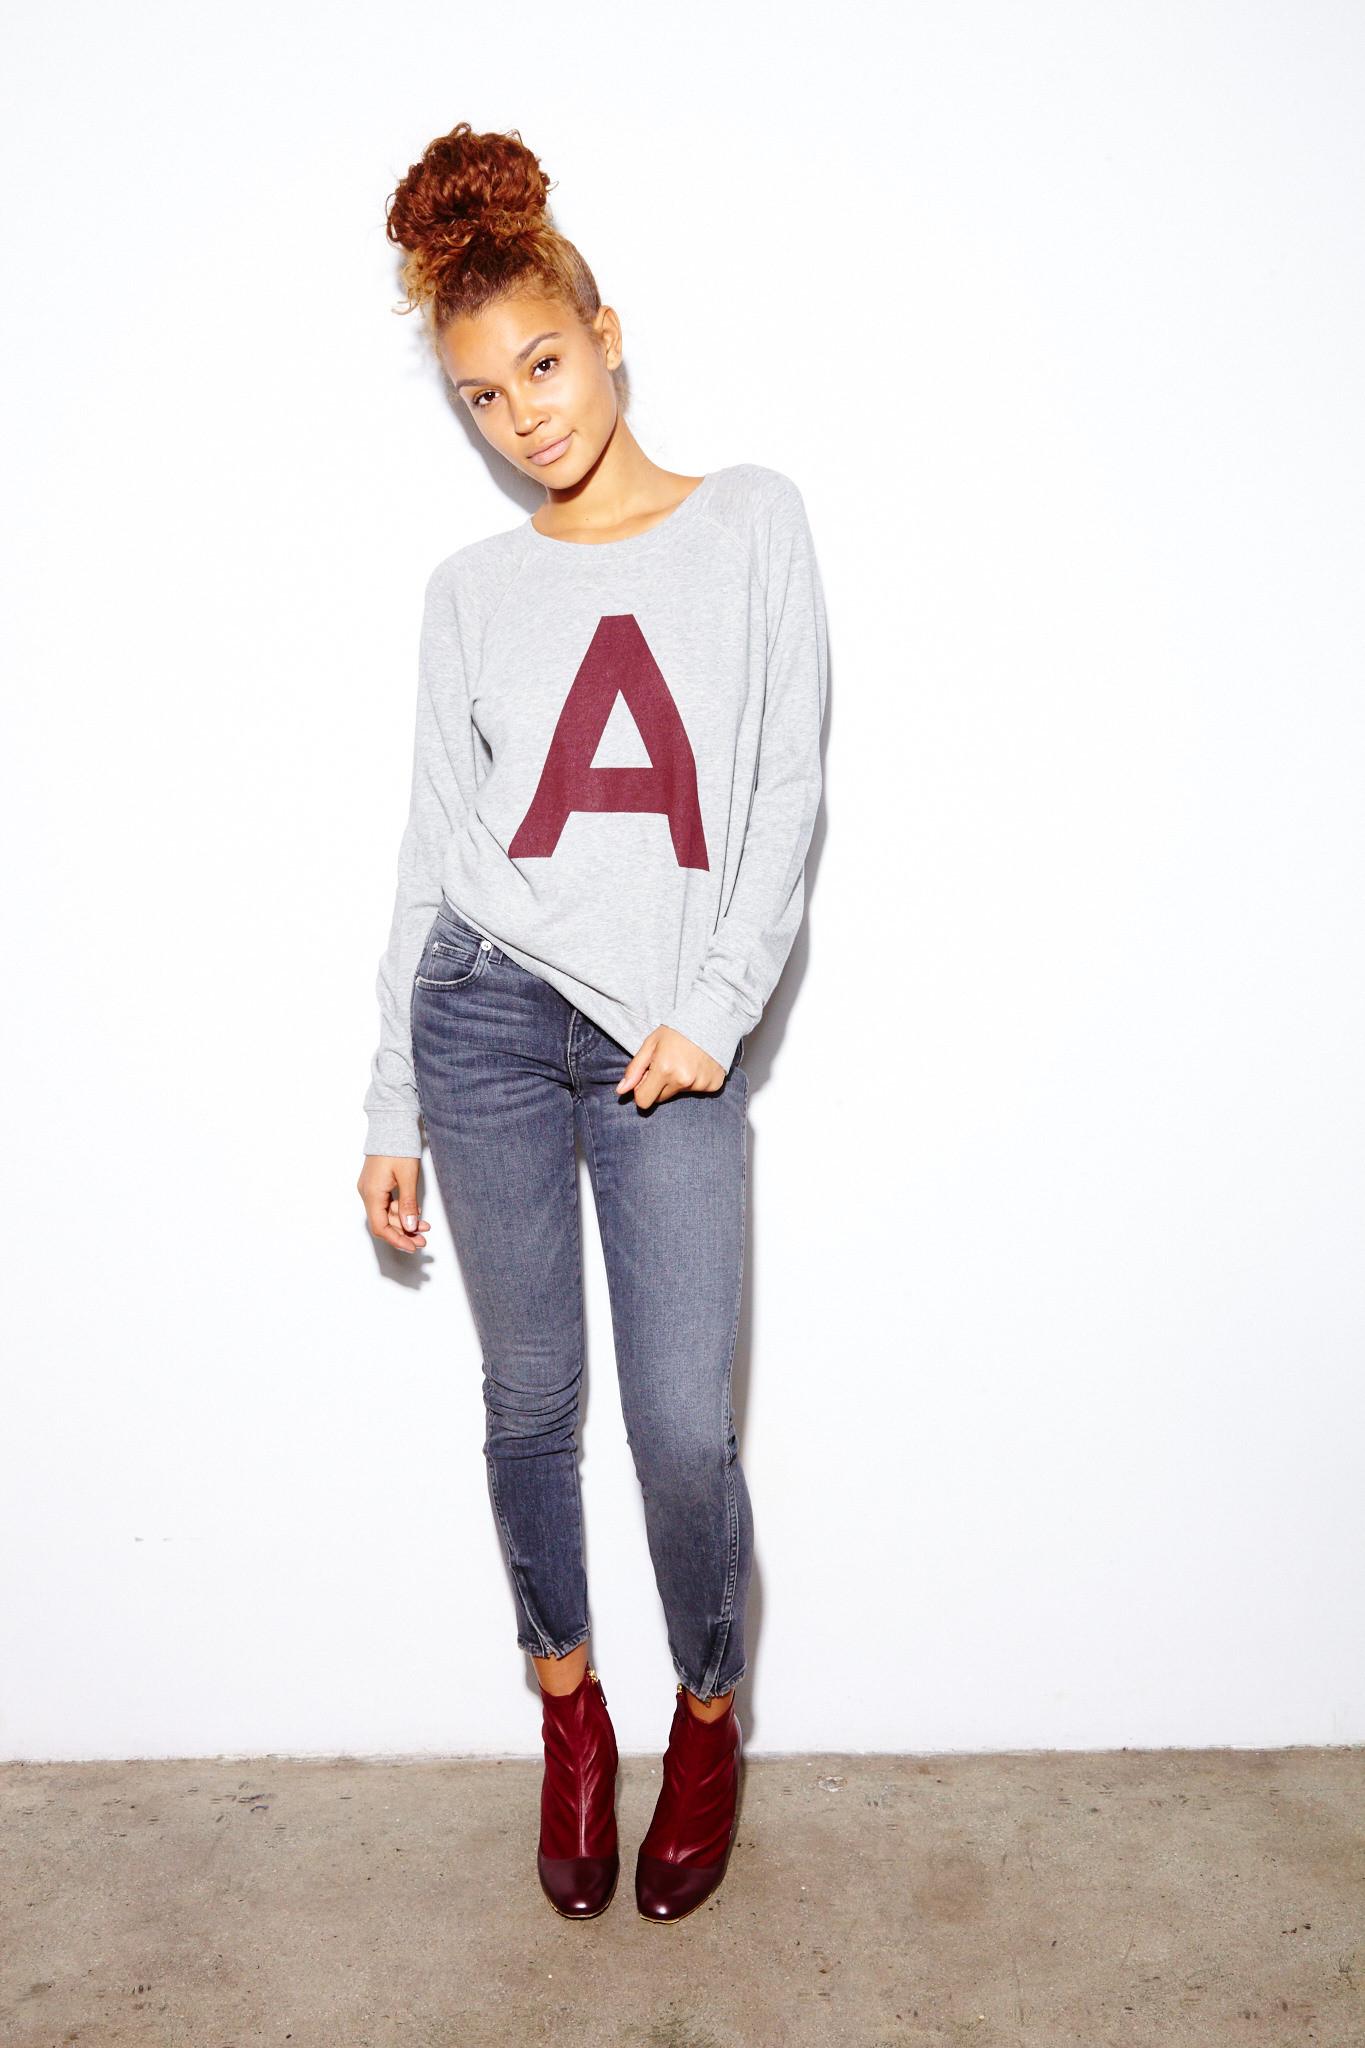 raglan-sweatshirt-amo-twist-zip-jeans-rupert-sanderson-16713.jpg